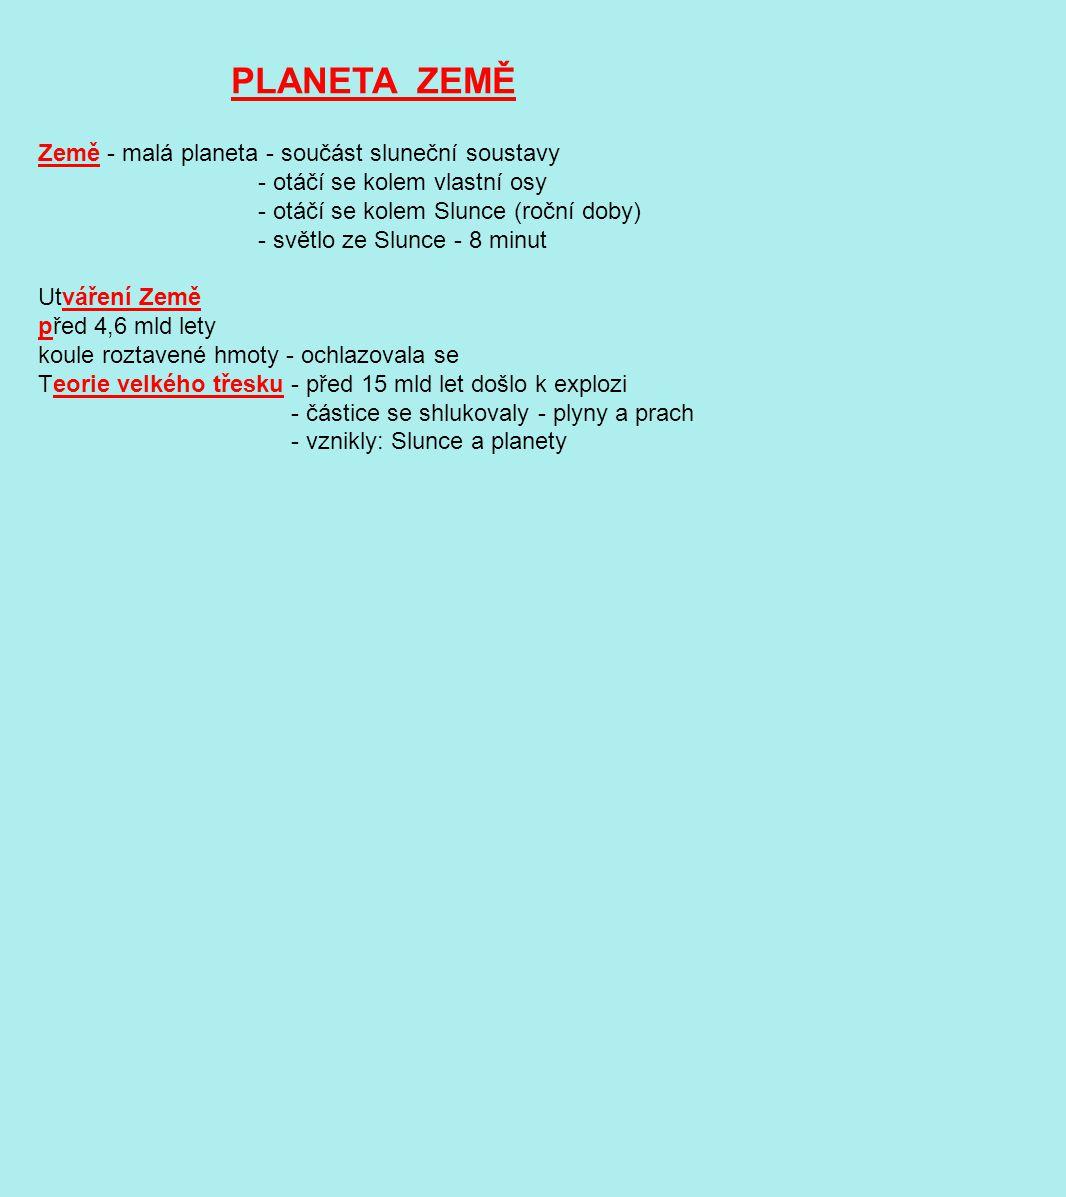 PLANETA ZEMĚ Země - malá planeta - součást sluneční soustavy - otáčí se kolem vlastní osy - otáčí se kolem Slunce (roční doby) - světlo ze Slunce - 8